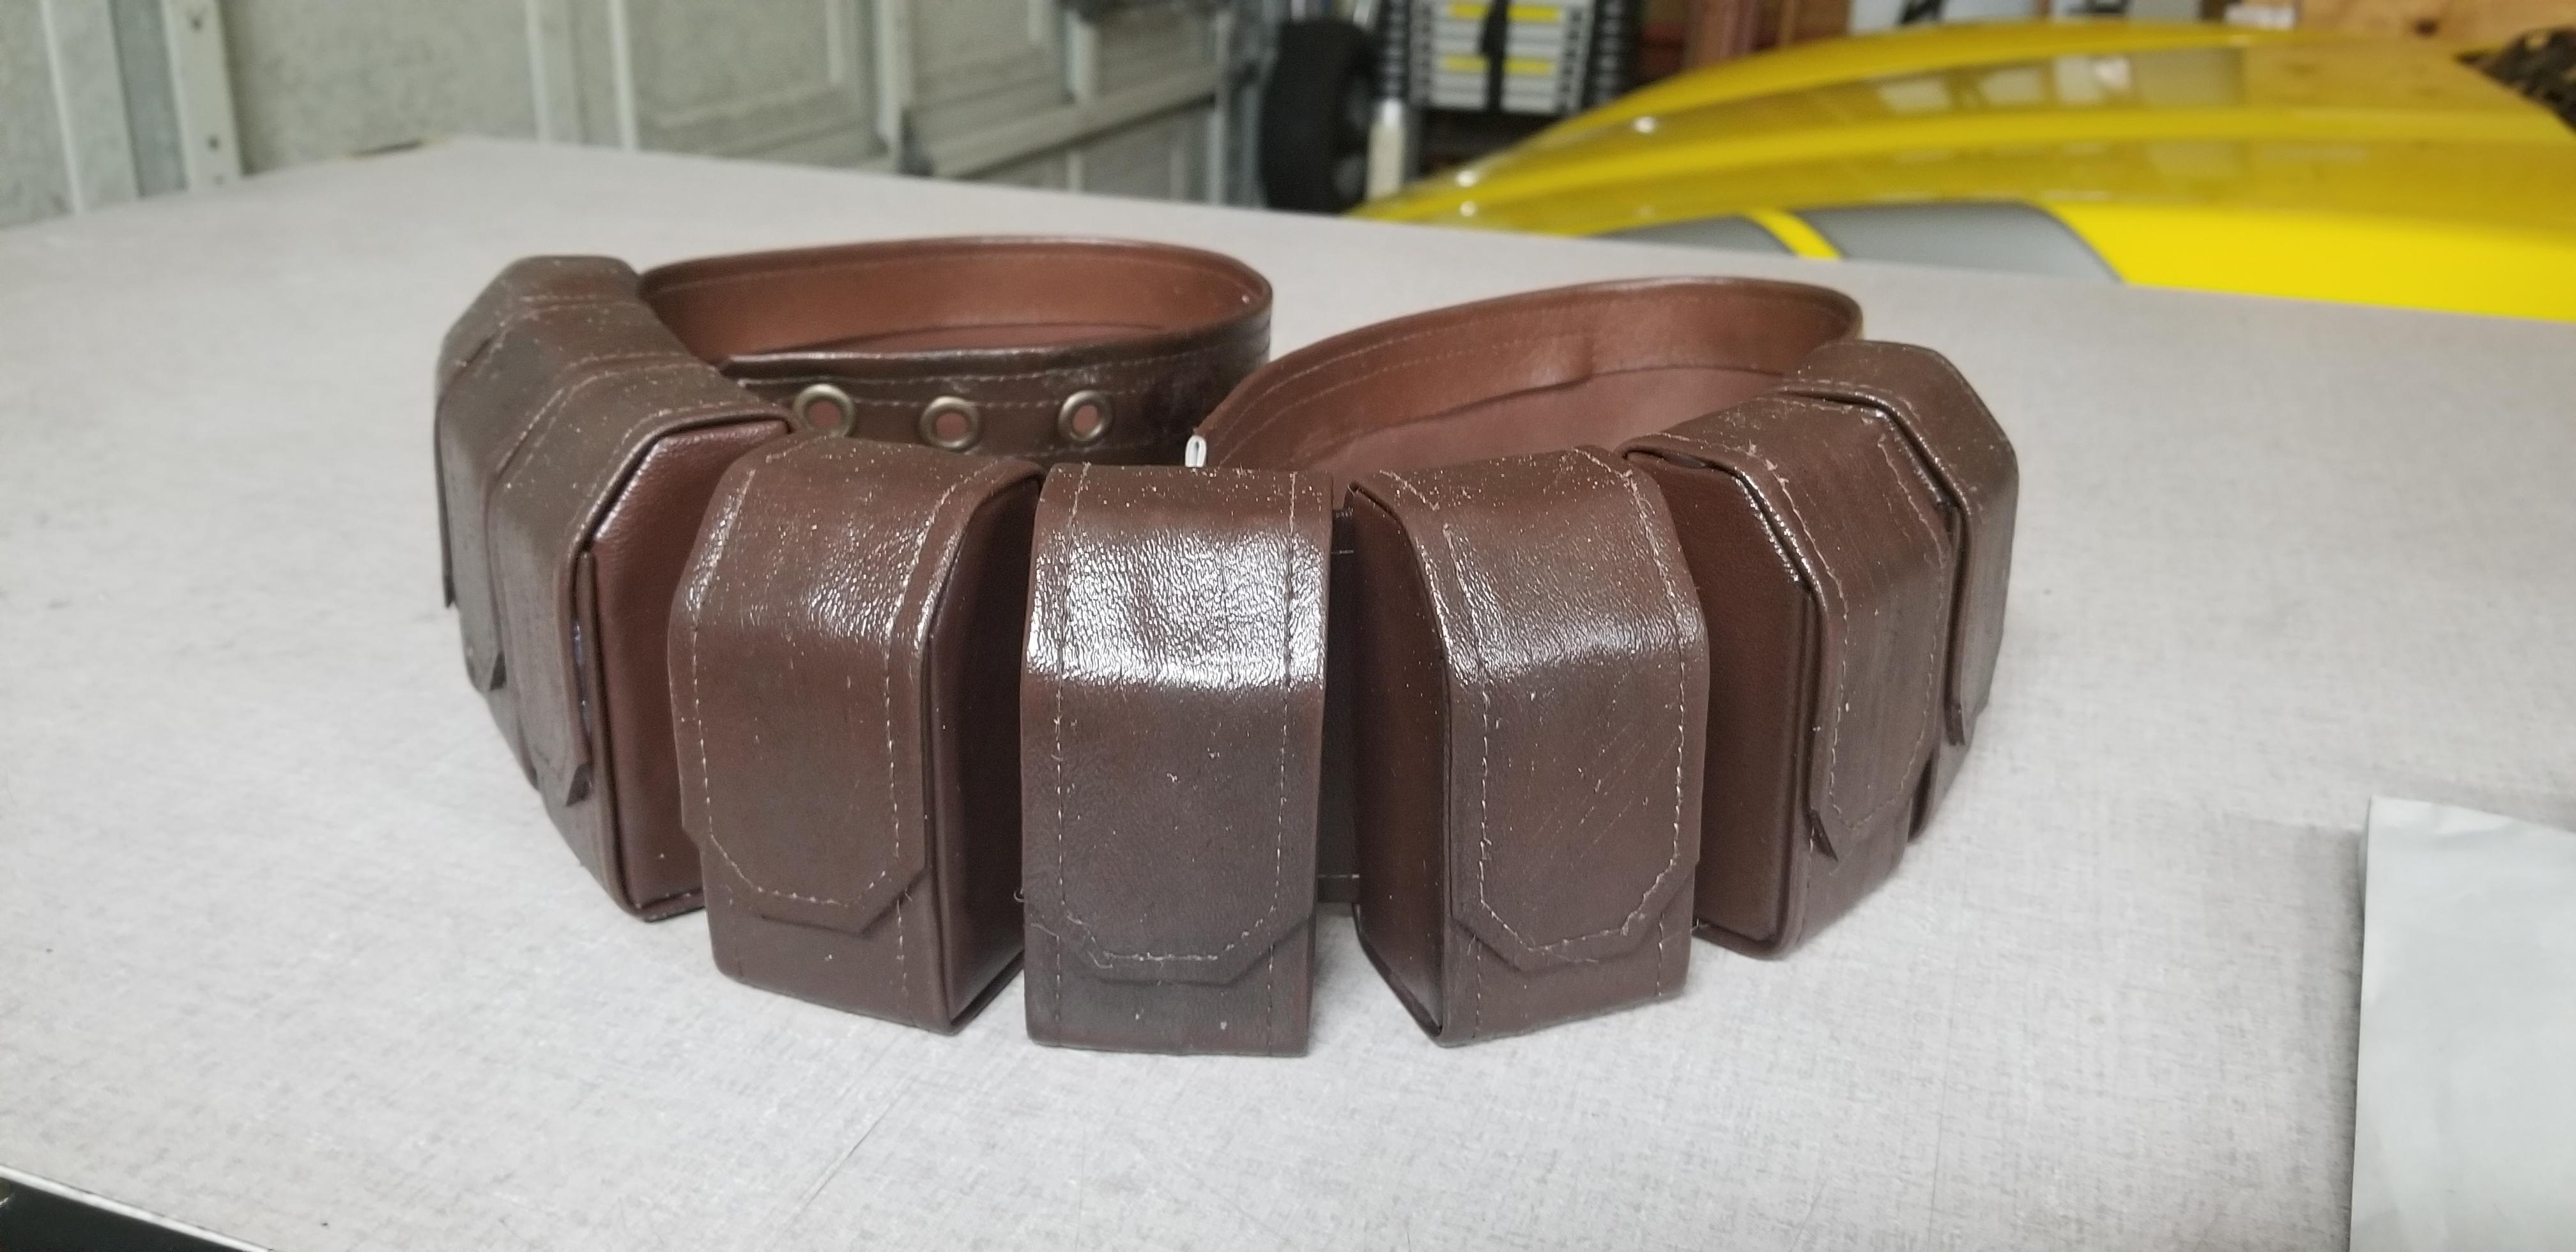 My Belt.jpg